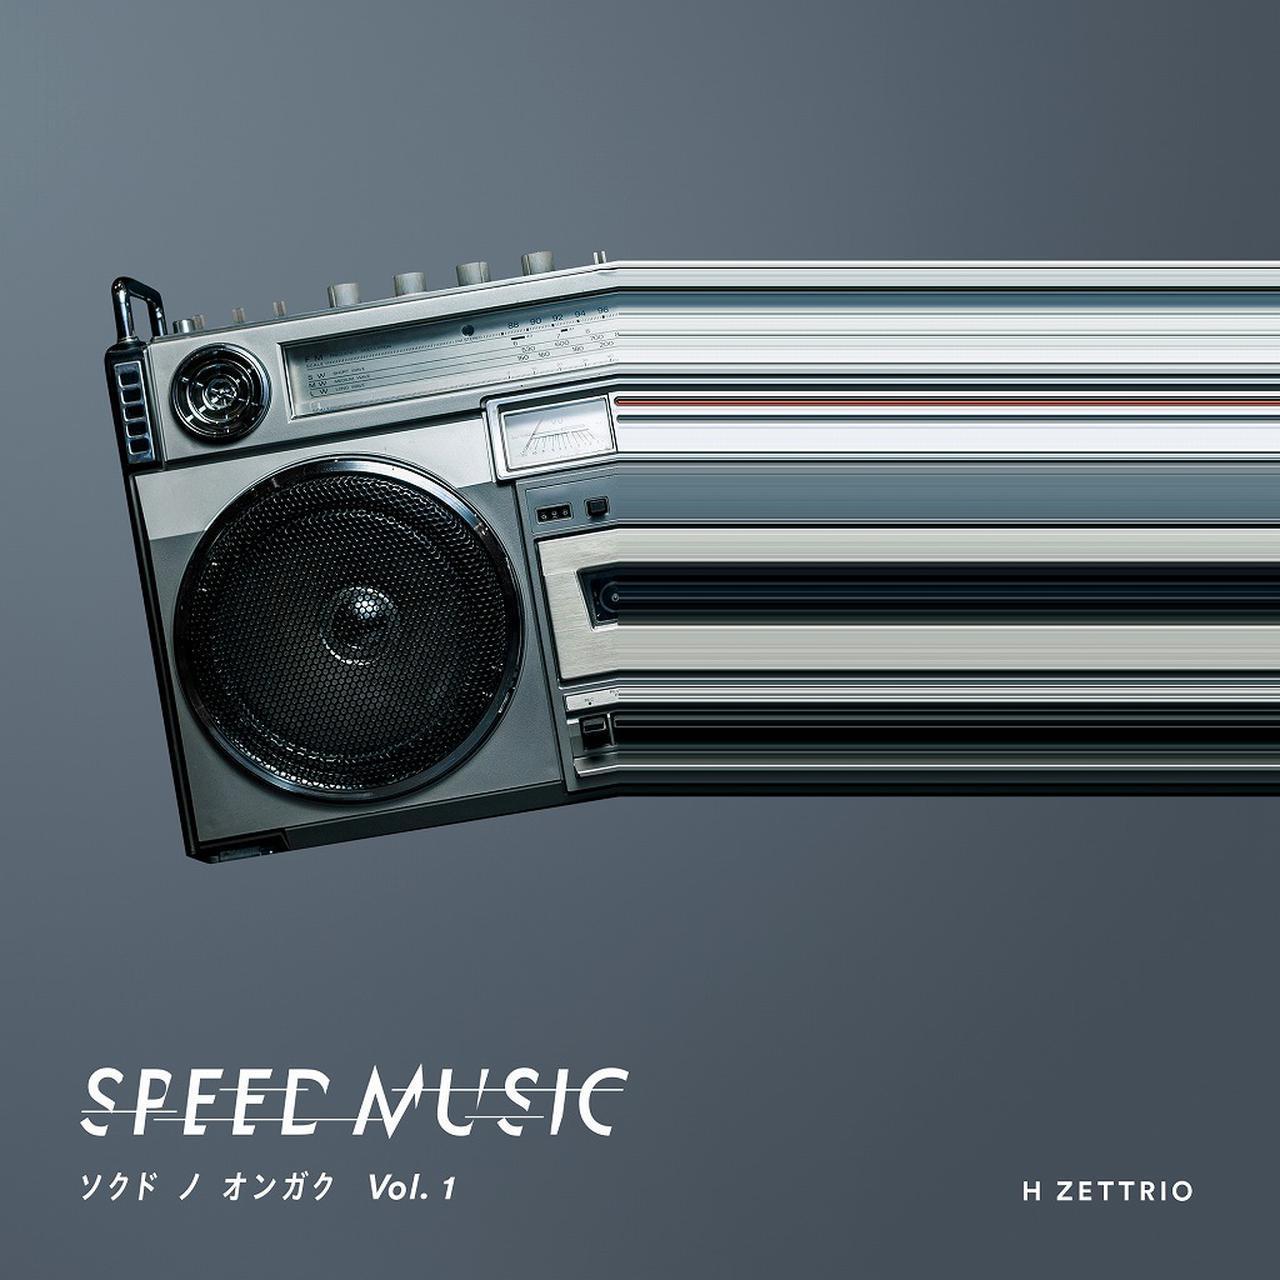 画像: SPEED MUSIC ソクドノオンガク vol. 1 / H ZETTRIO